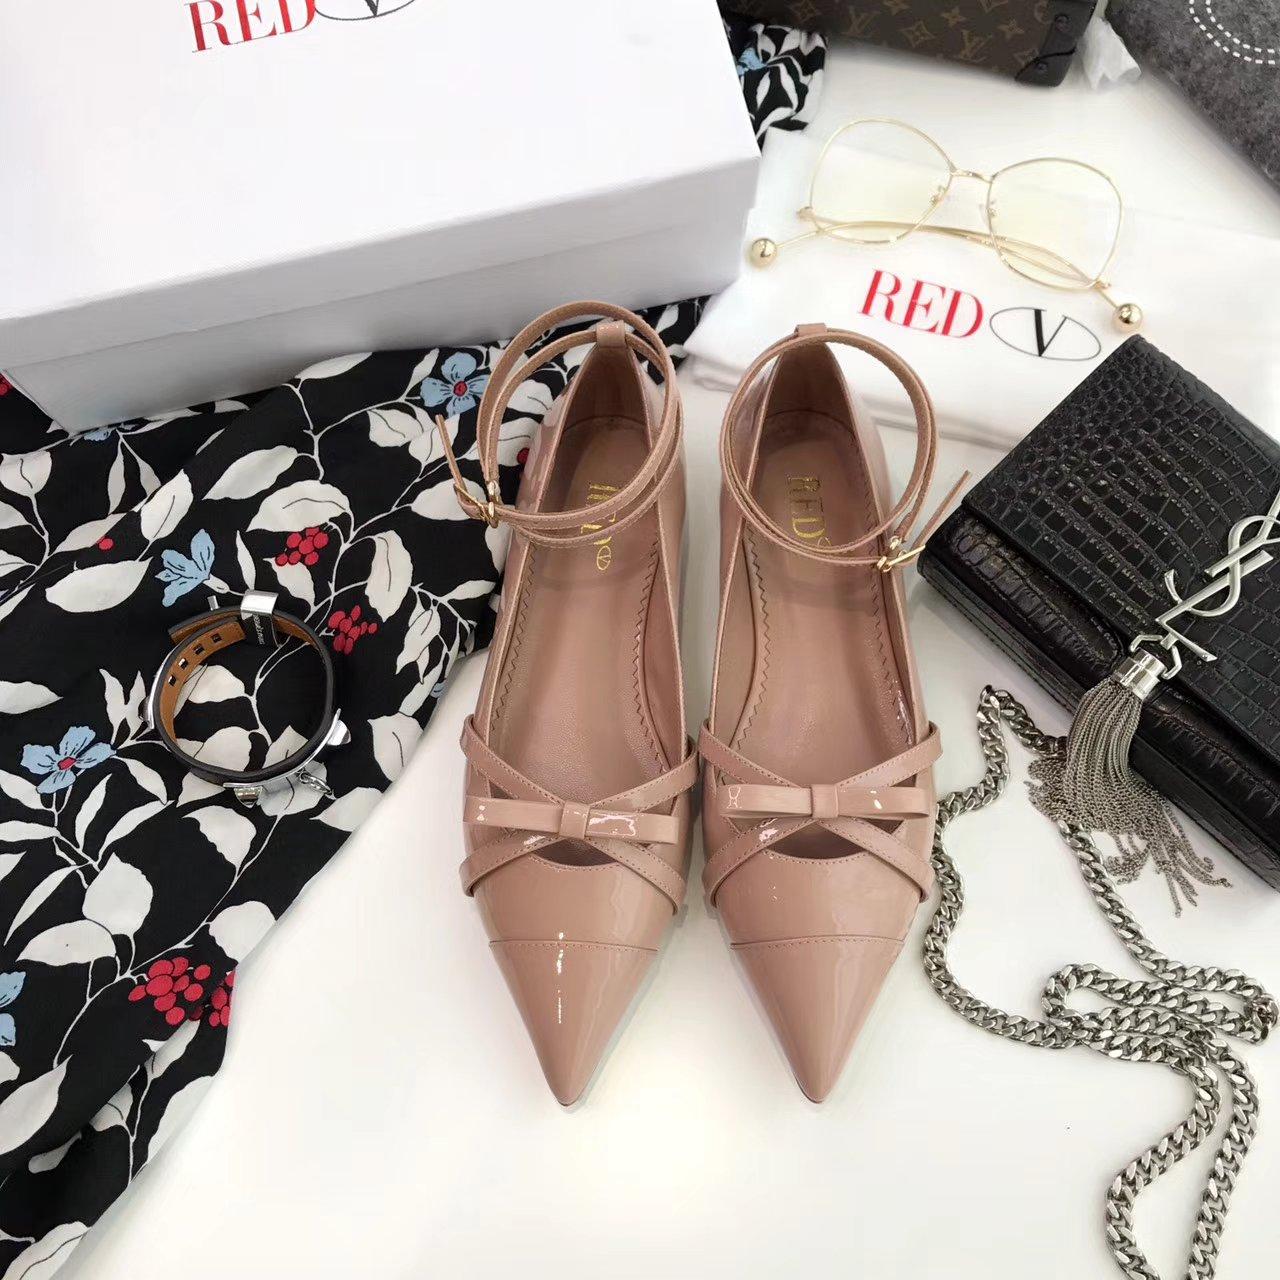 2017 VALENTINO平底单鞋 优雅的尖头与蝴蝶结搭配